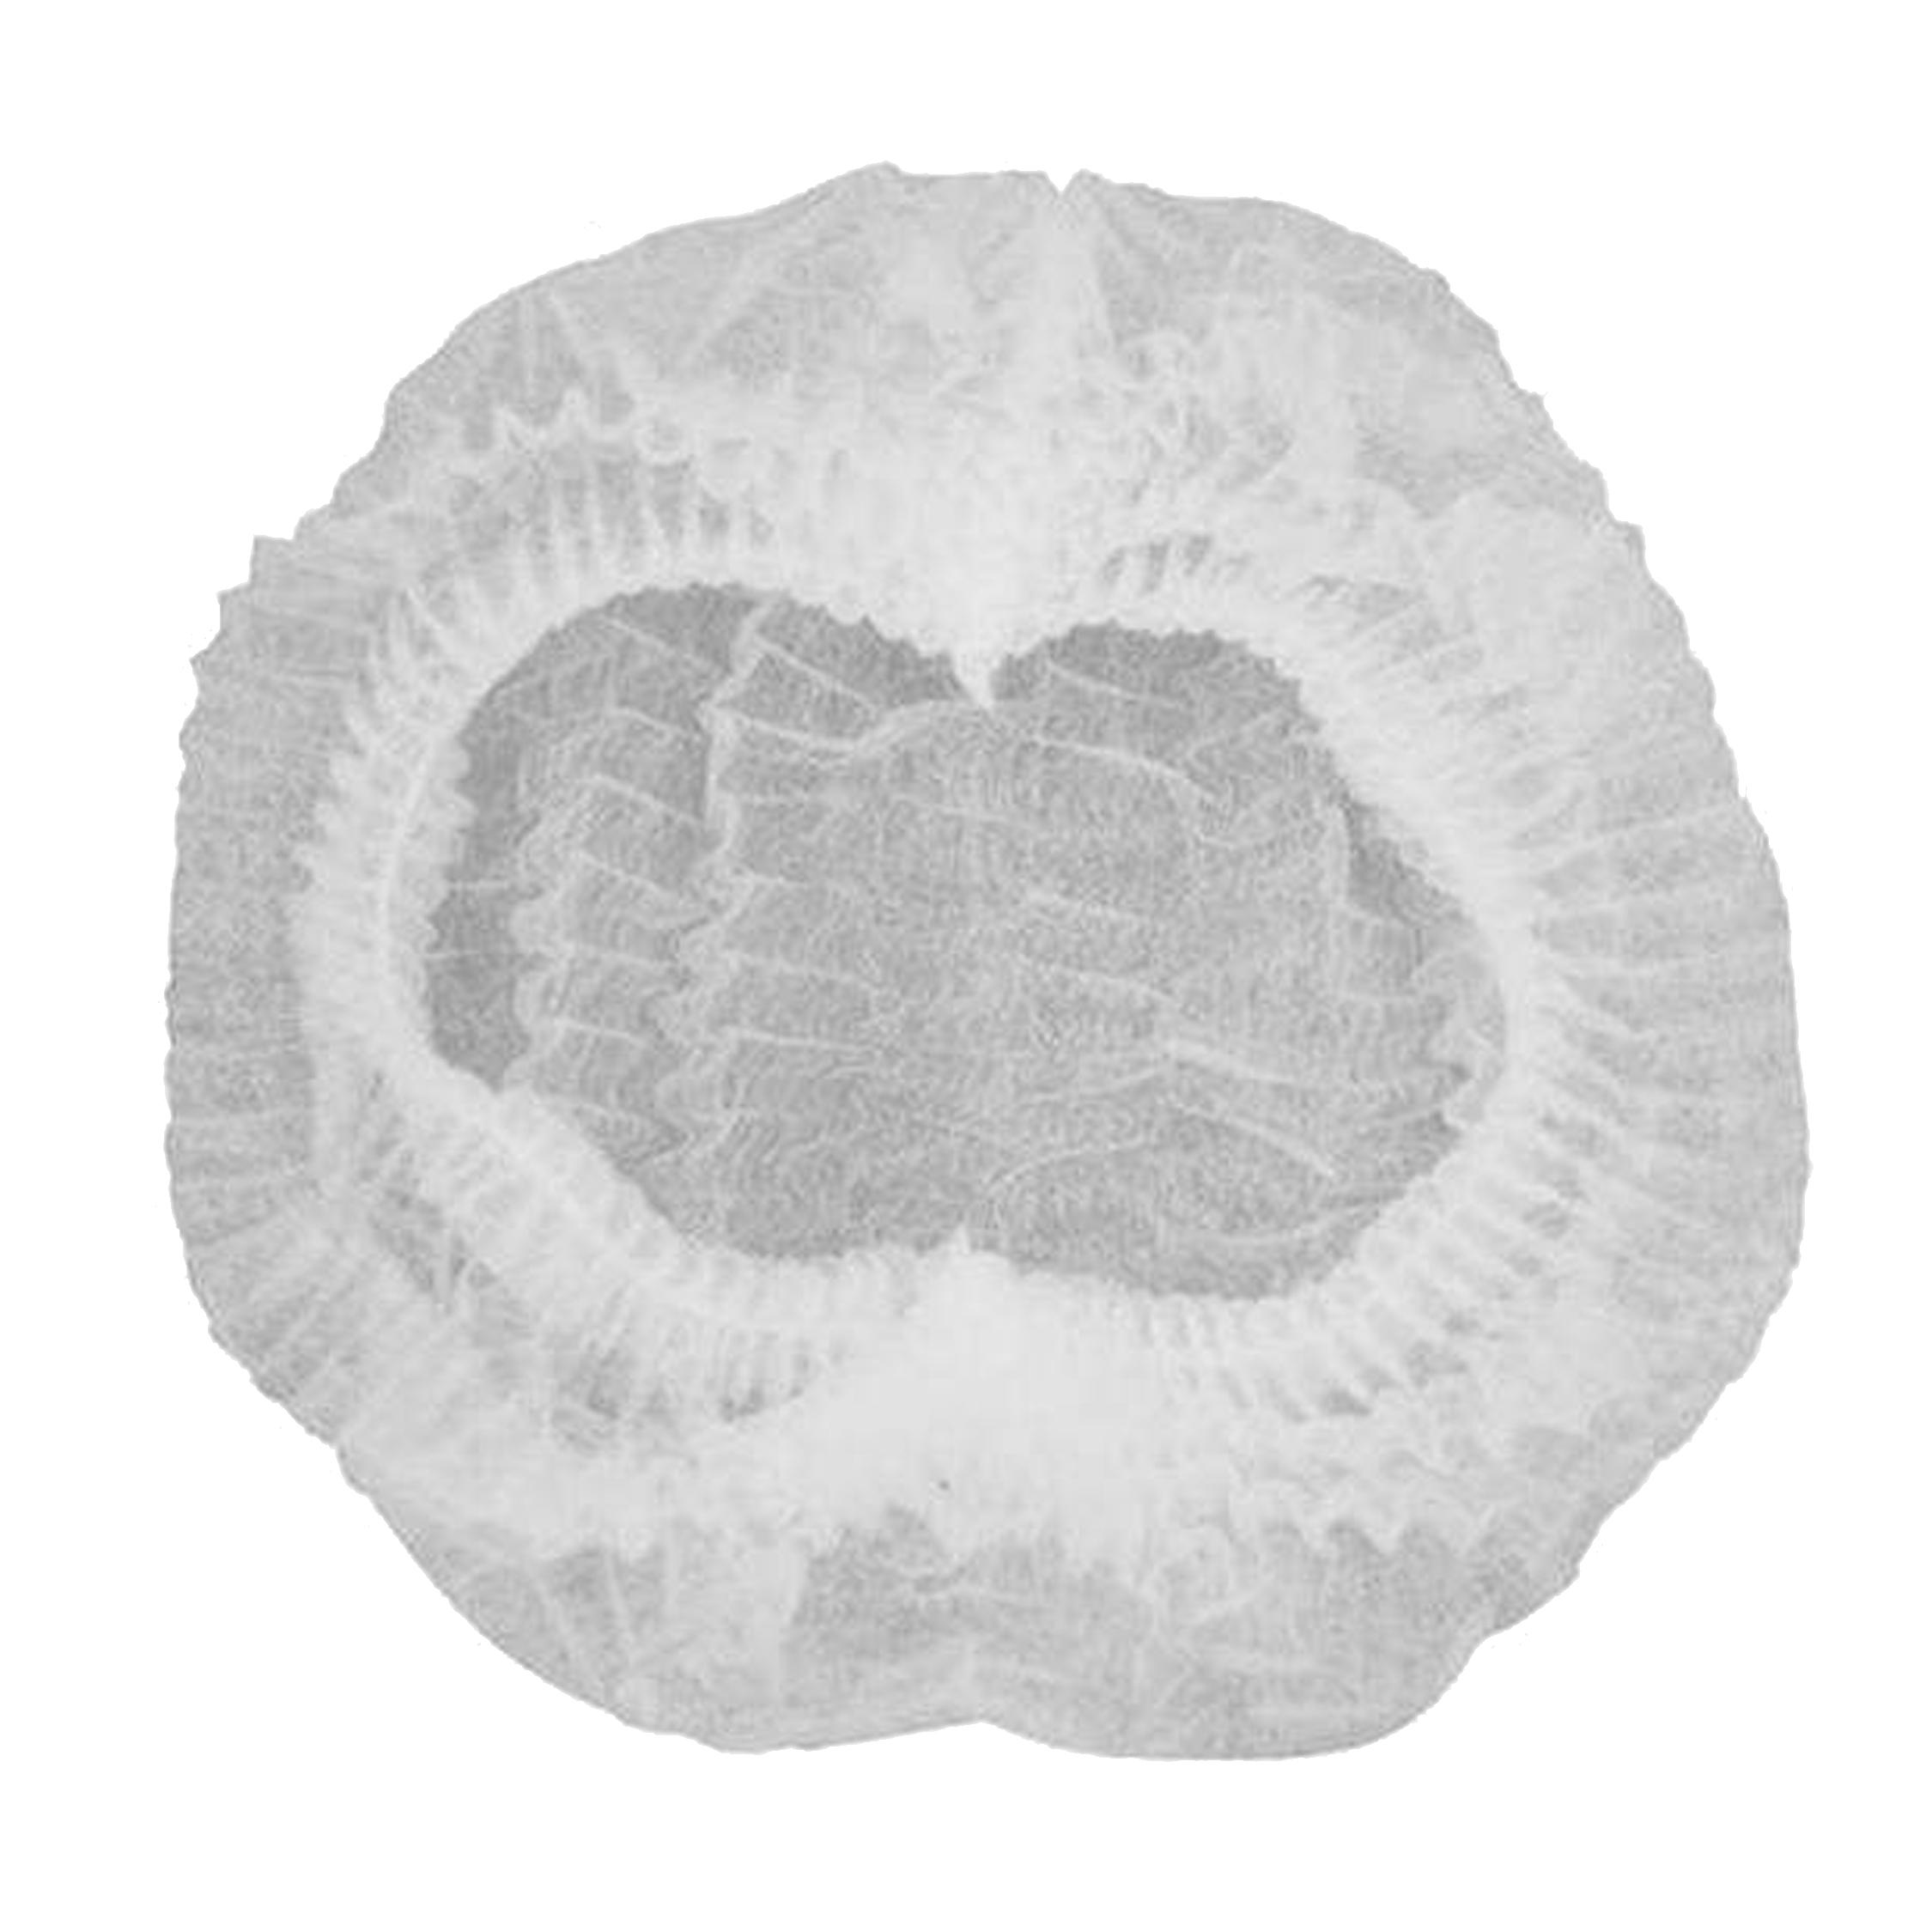 کلاه یکبار مصرف الین پلاست مدل KOL10 بسته 10 عددی